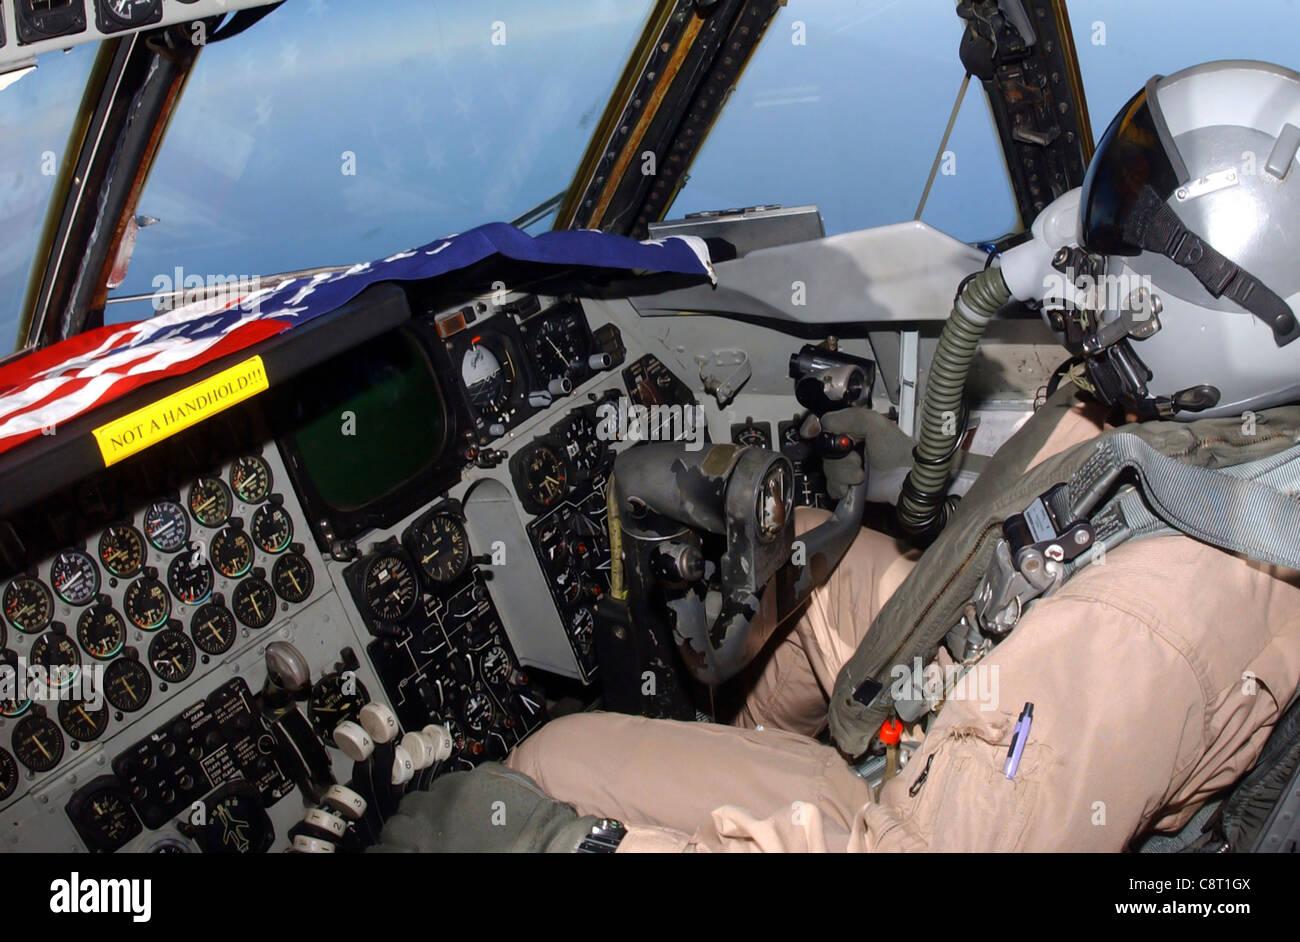 OPÉRATION LIBERTÉ IRAKIENNE -- UN co-pilote B-52 Stratoforteresse avec le 40ème Escadron de bombardement expéditionnaire effectue une mission au-dessus de l'Irak le 17 avril. Banque D'Images